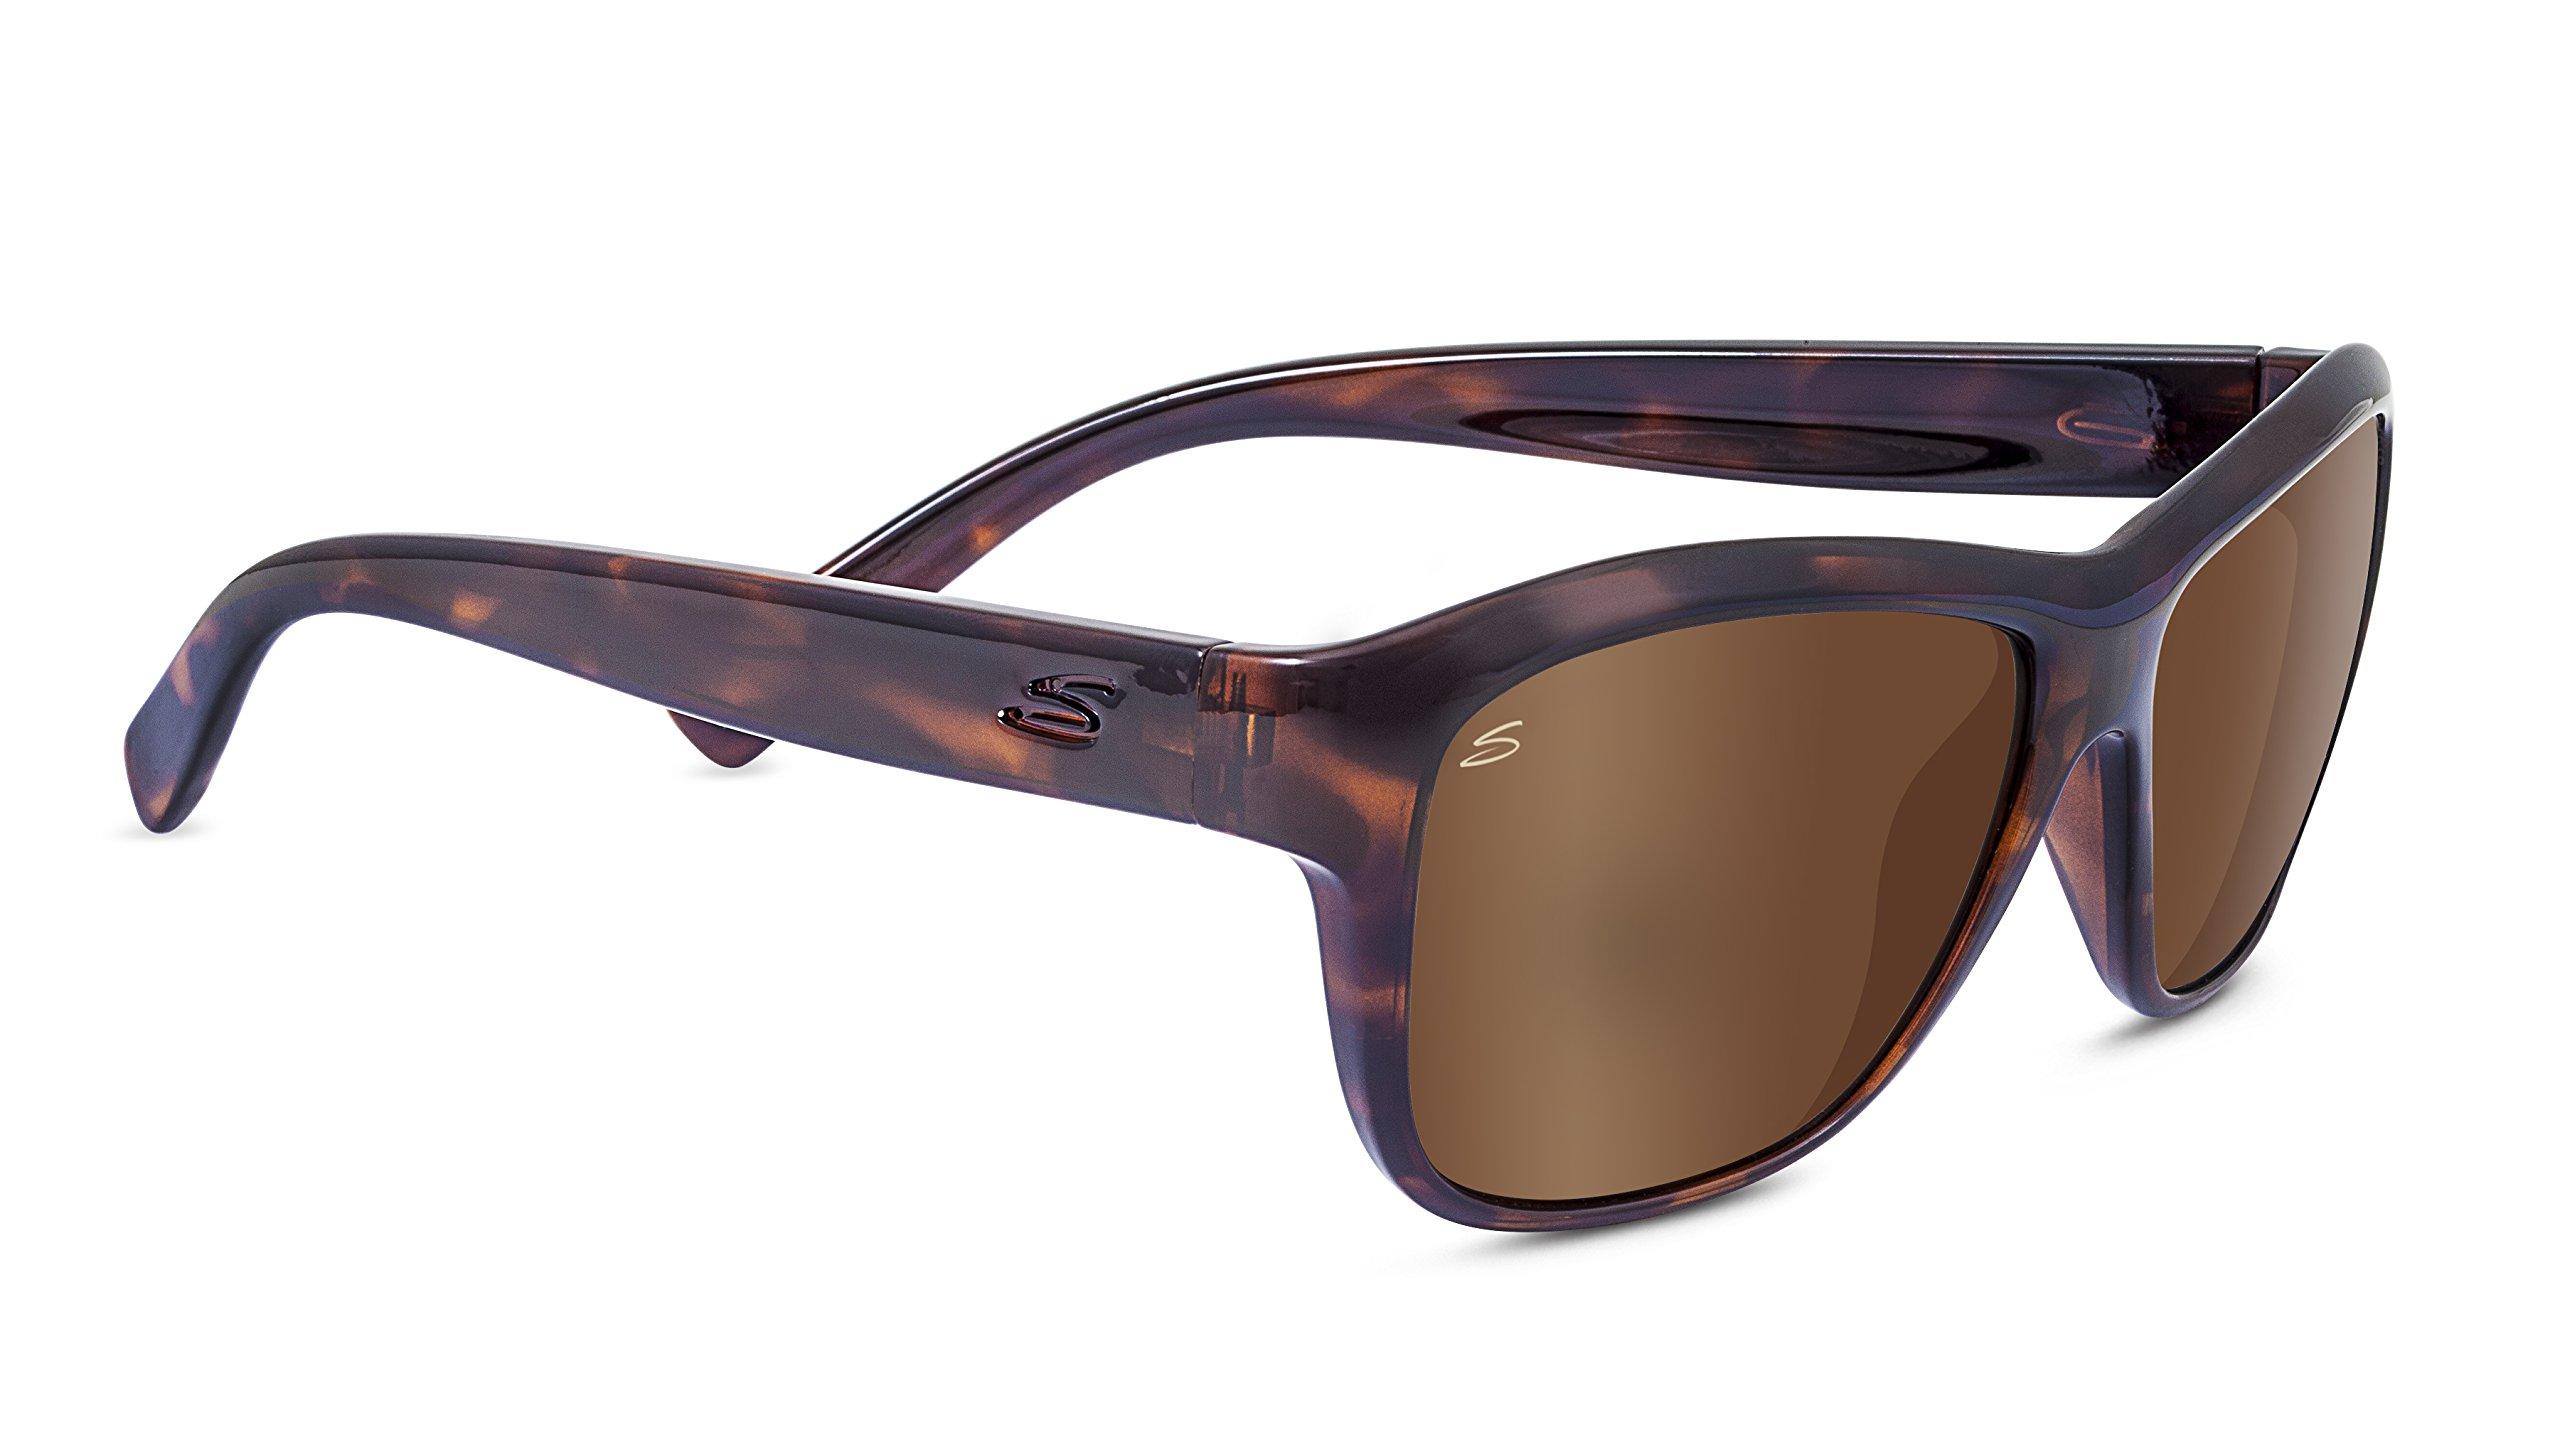 Serengeti 8433-Gabriella Gabriella Glasses, Shiny Dark Tortoise Frame